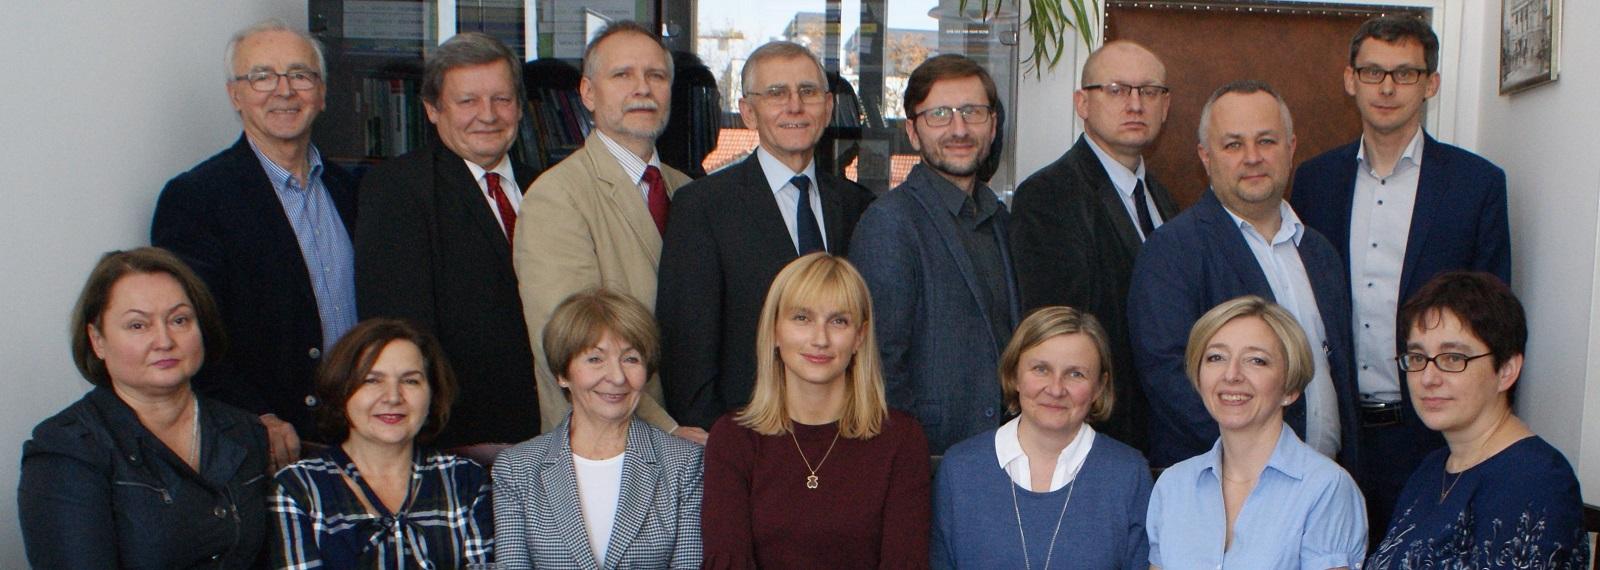 Pracownicy Katedry Marketingu UEK w Krakowie